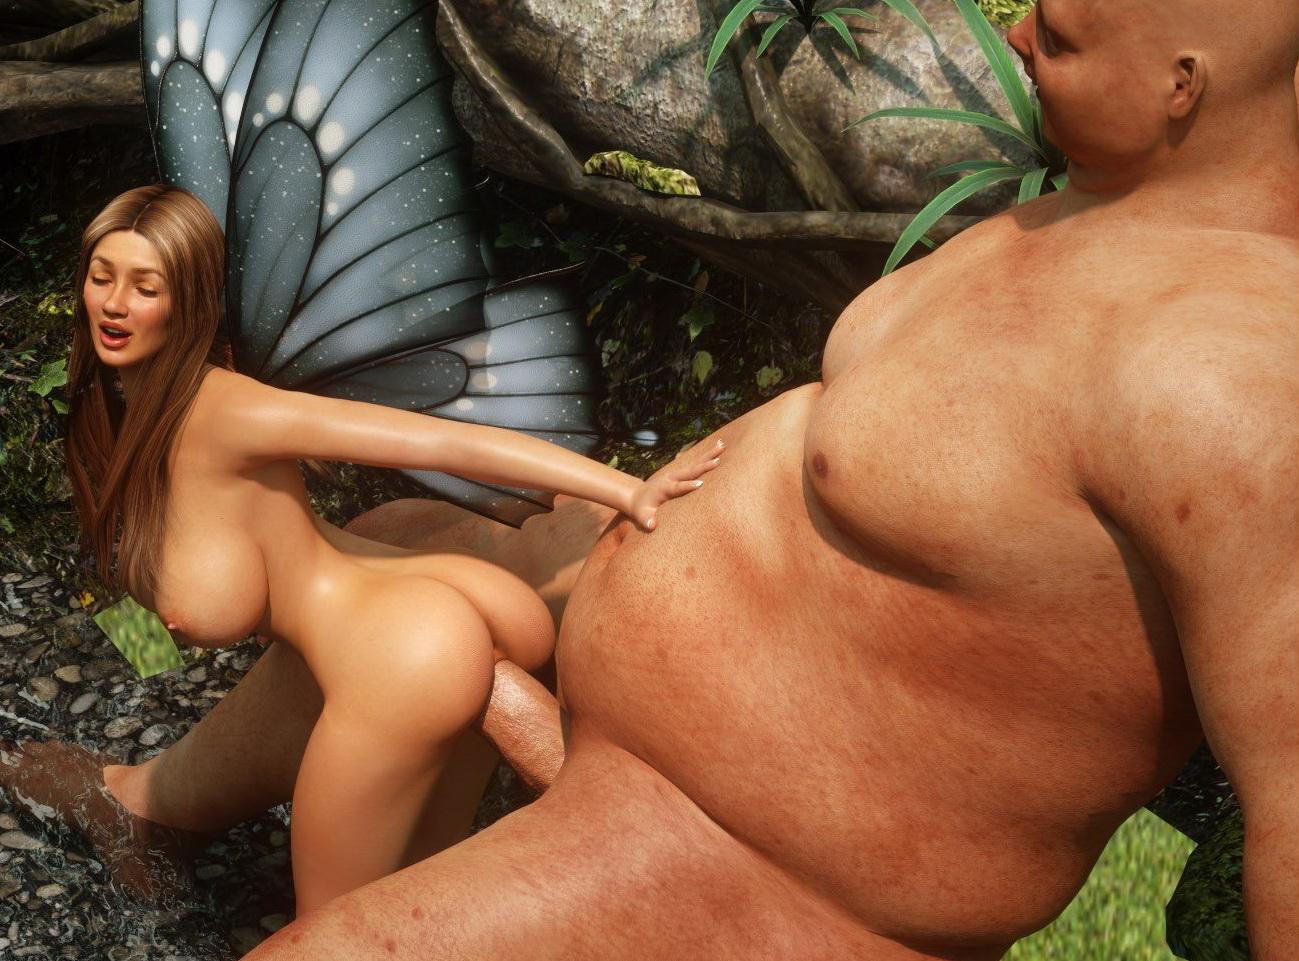 порно видео гигантов с лилипутами одна игра